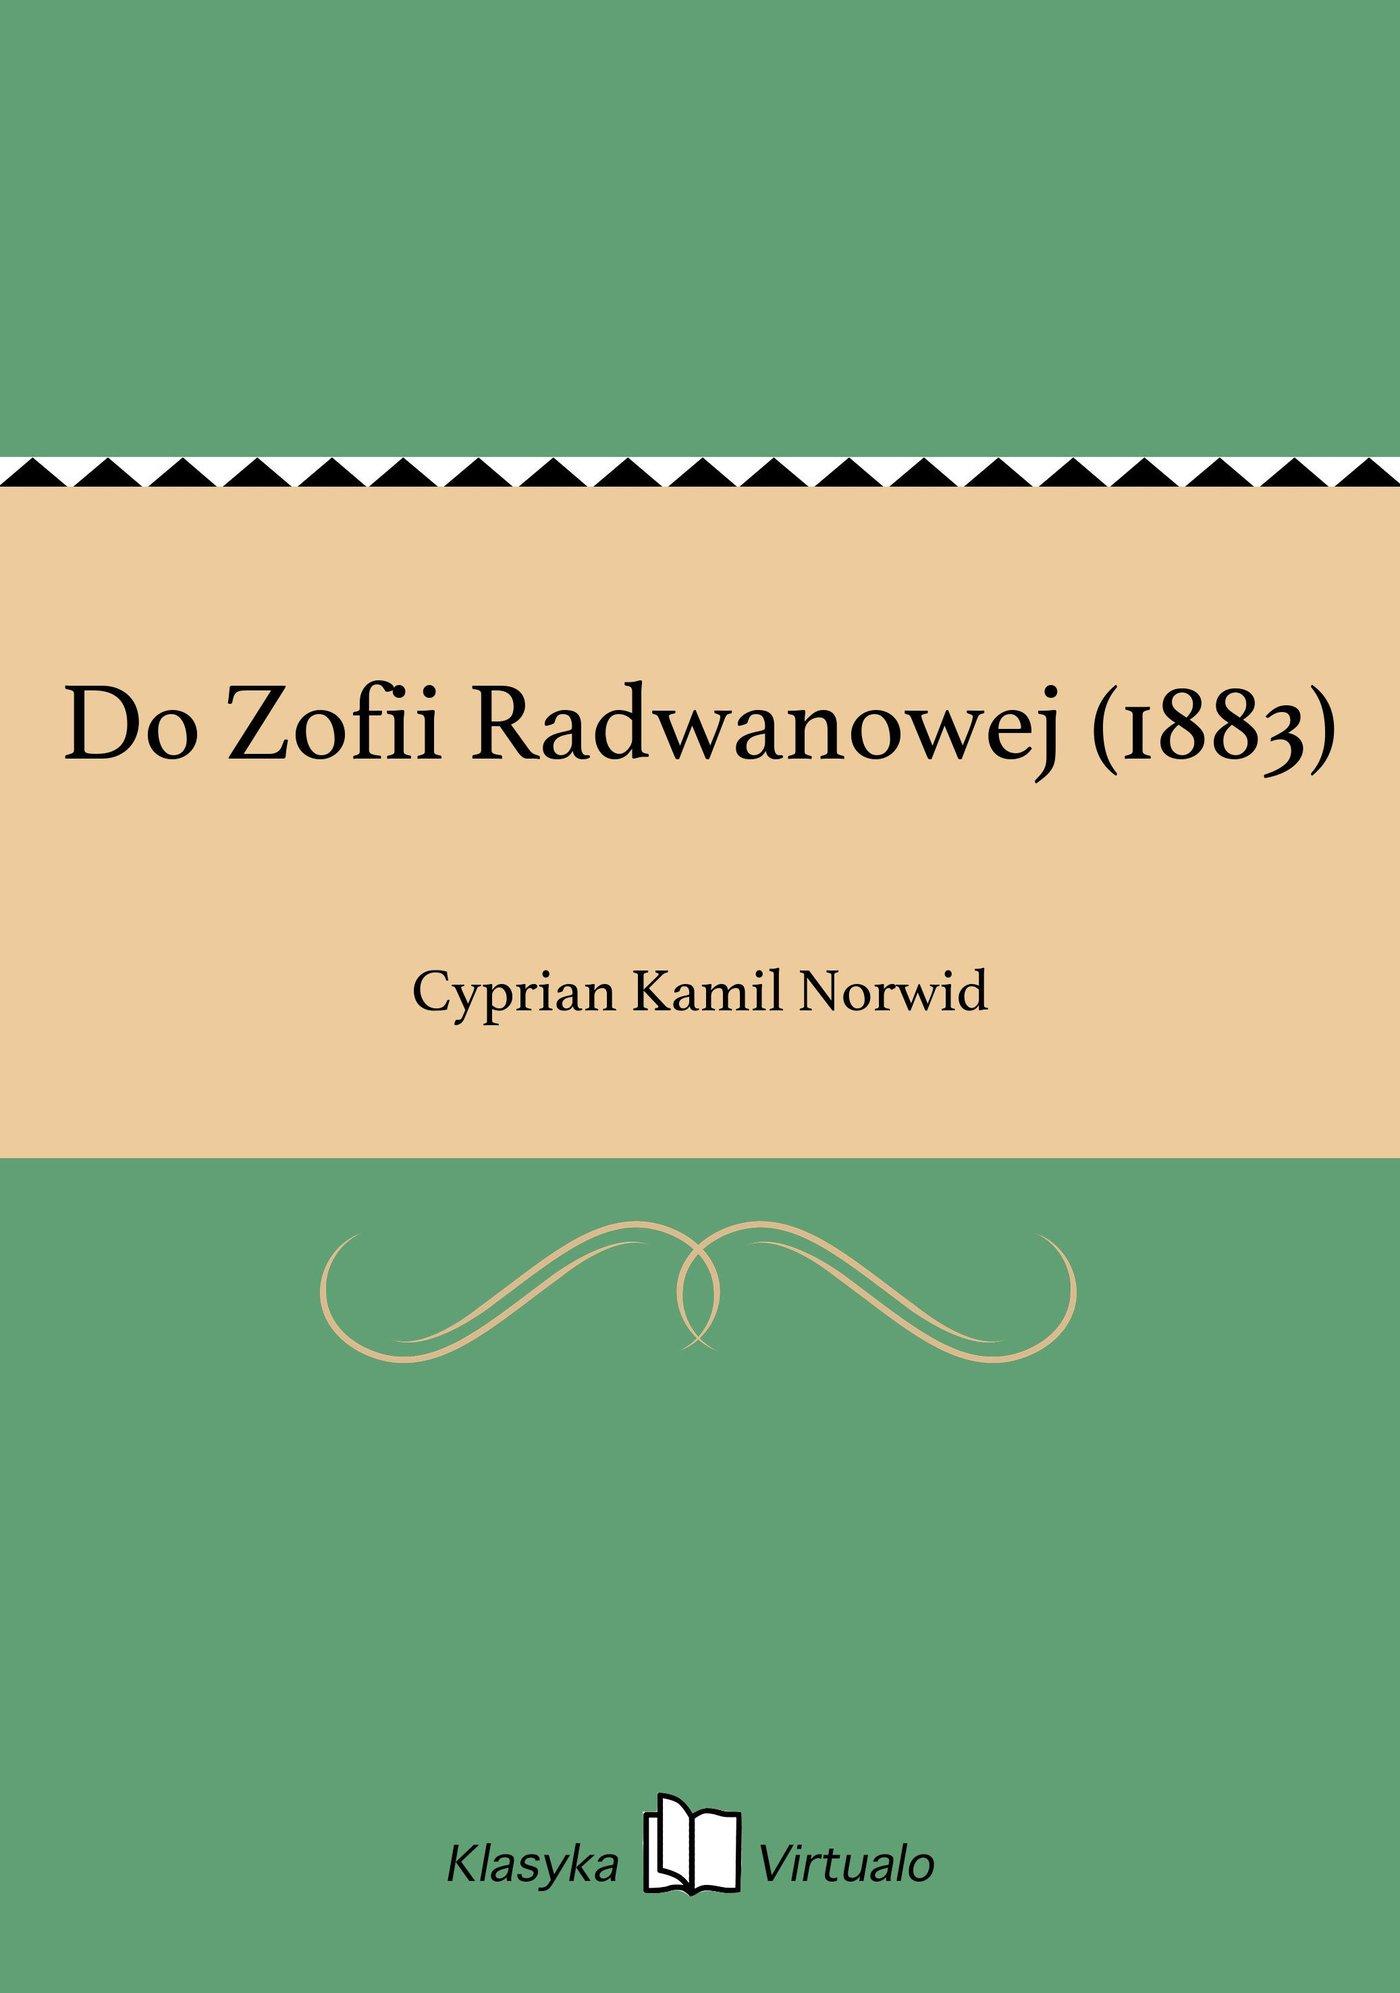 Do Zofii Radwanowej (1883) - Ebook (Książka EPUB) do pobrania w formacie EPUB